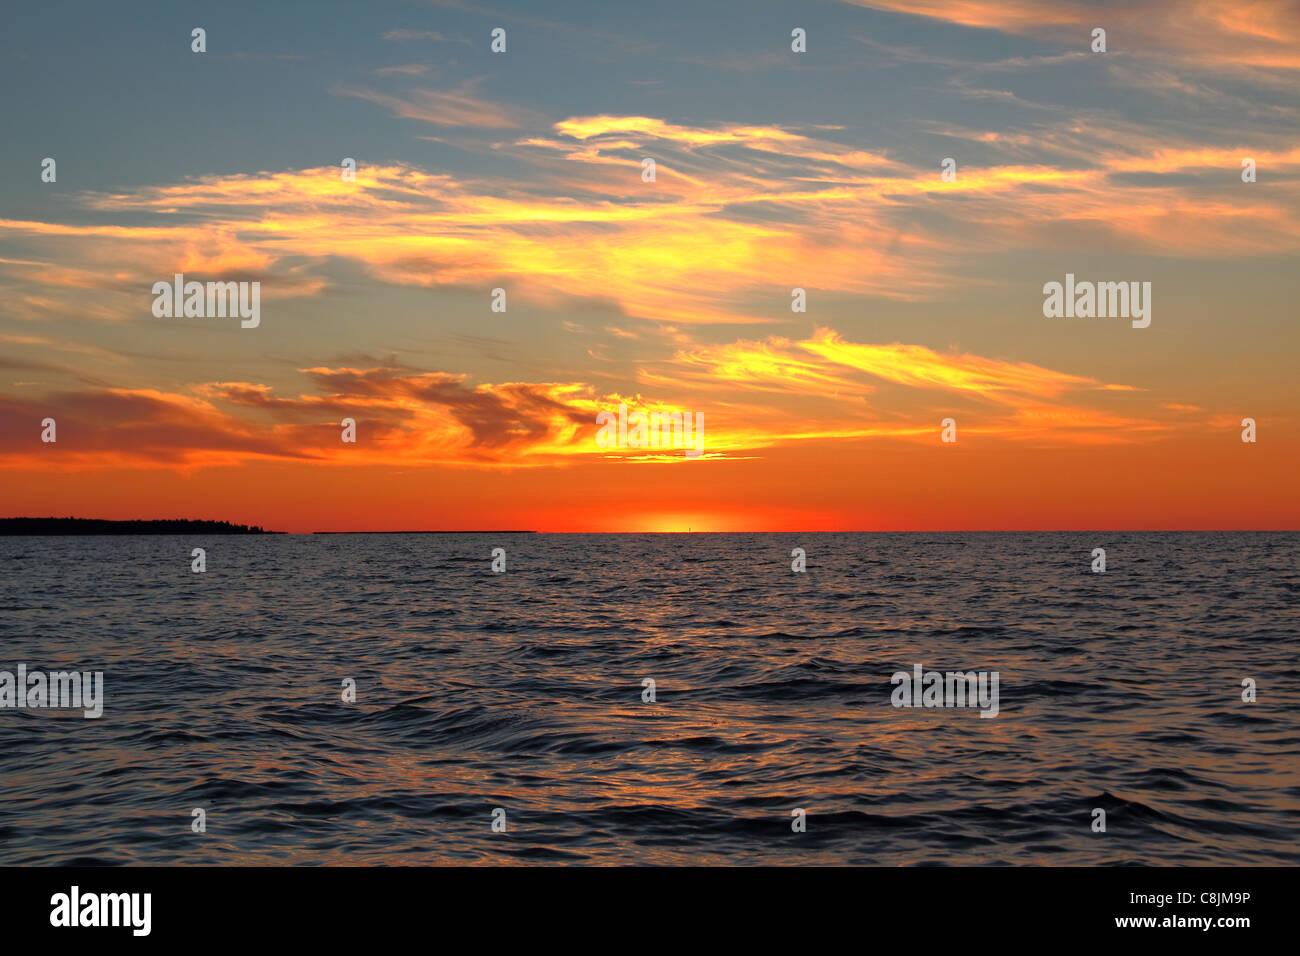 Sonnenuntergang am See Stockbild